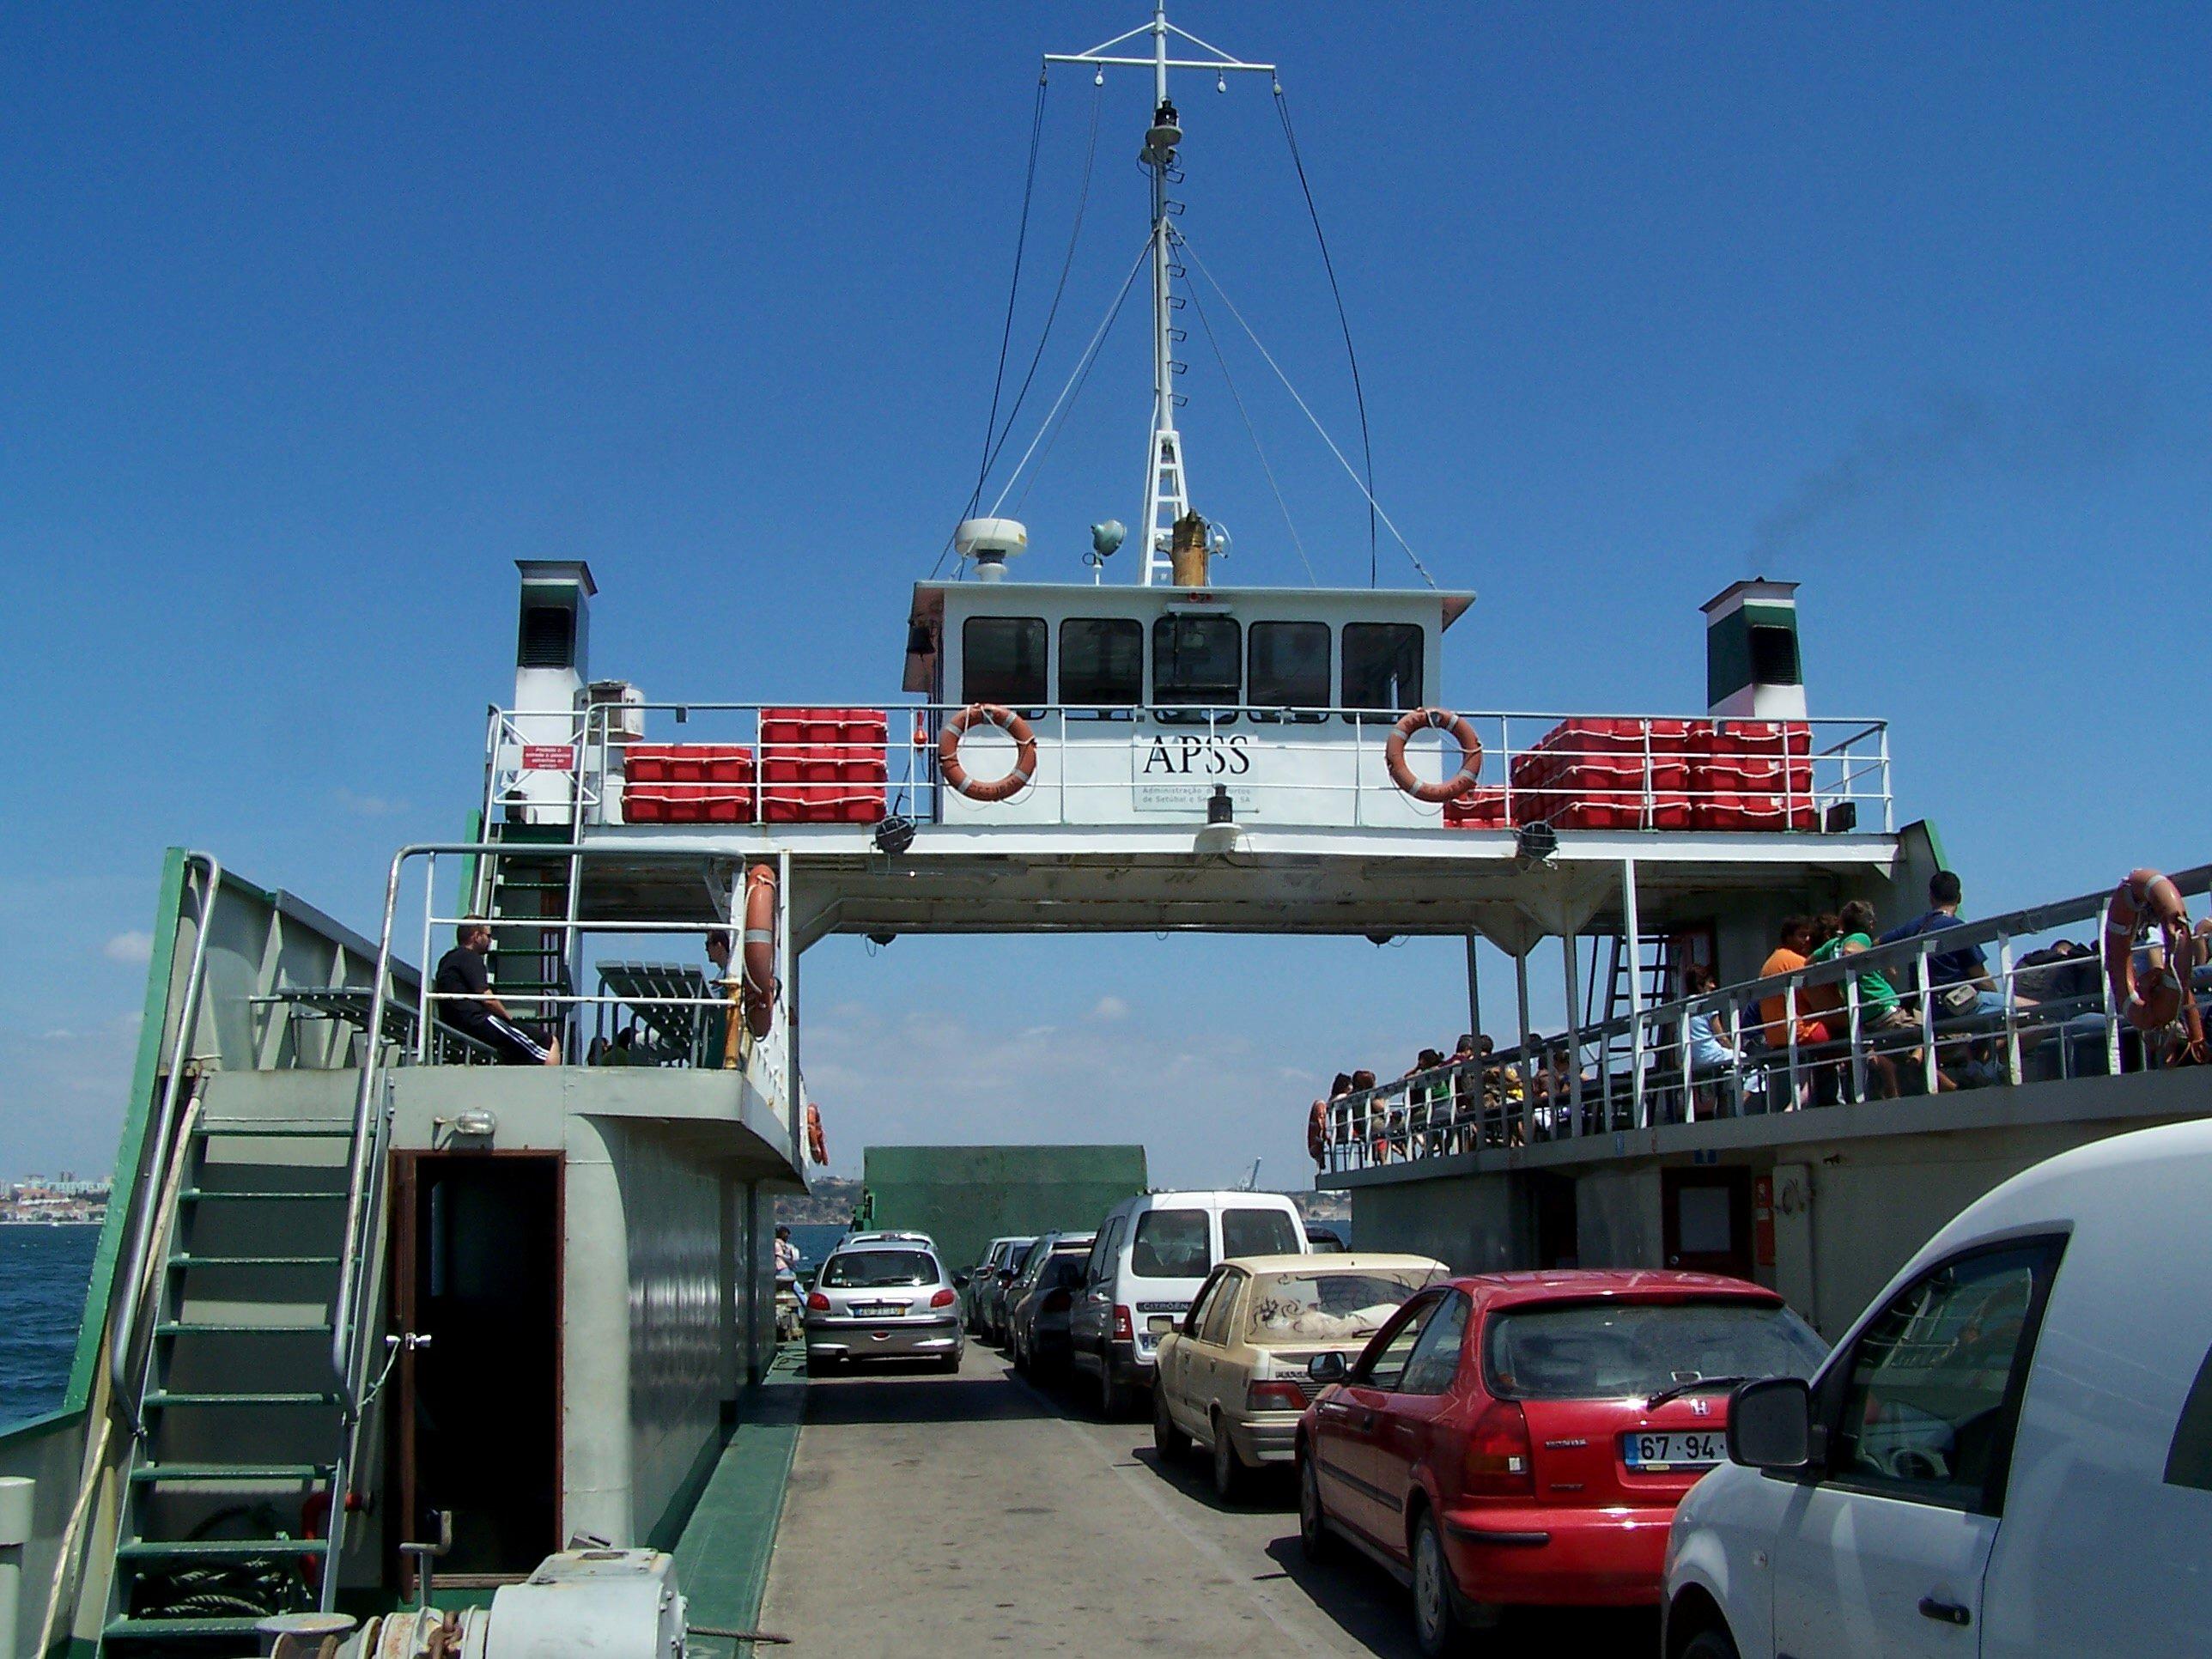 File:Ferry-Boat de Setúbal-Tróia III.jpg - Wikimedia Commons